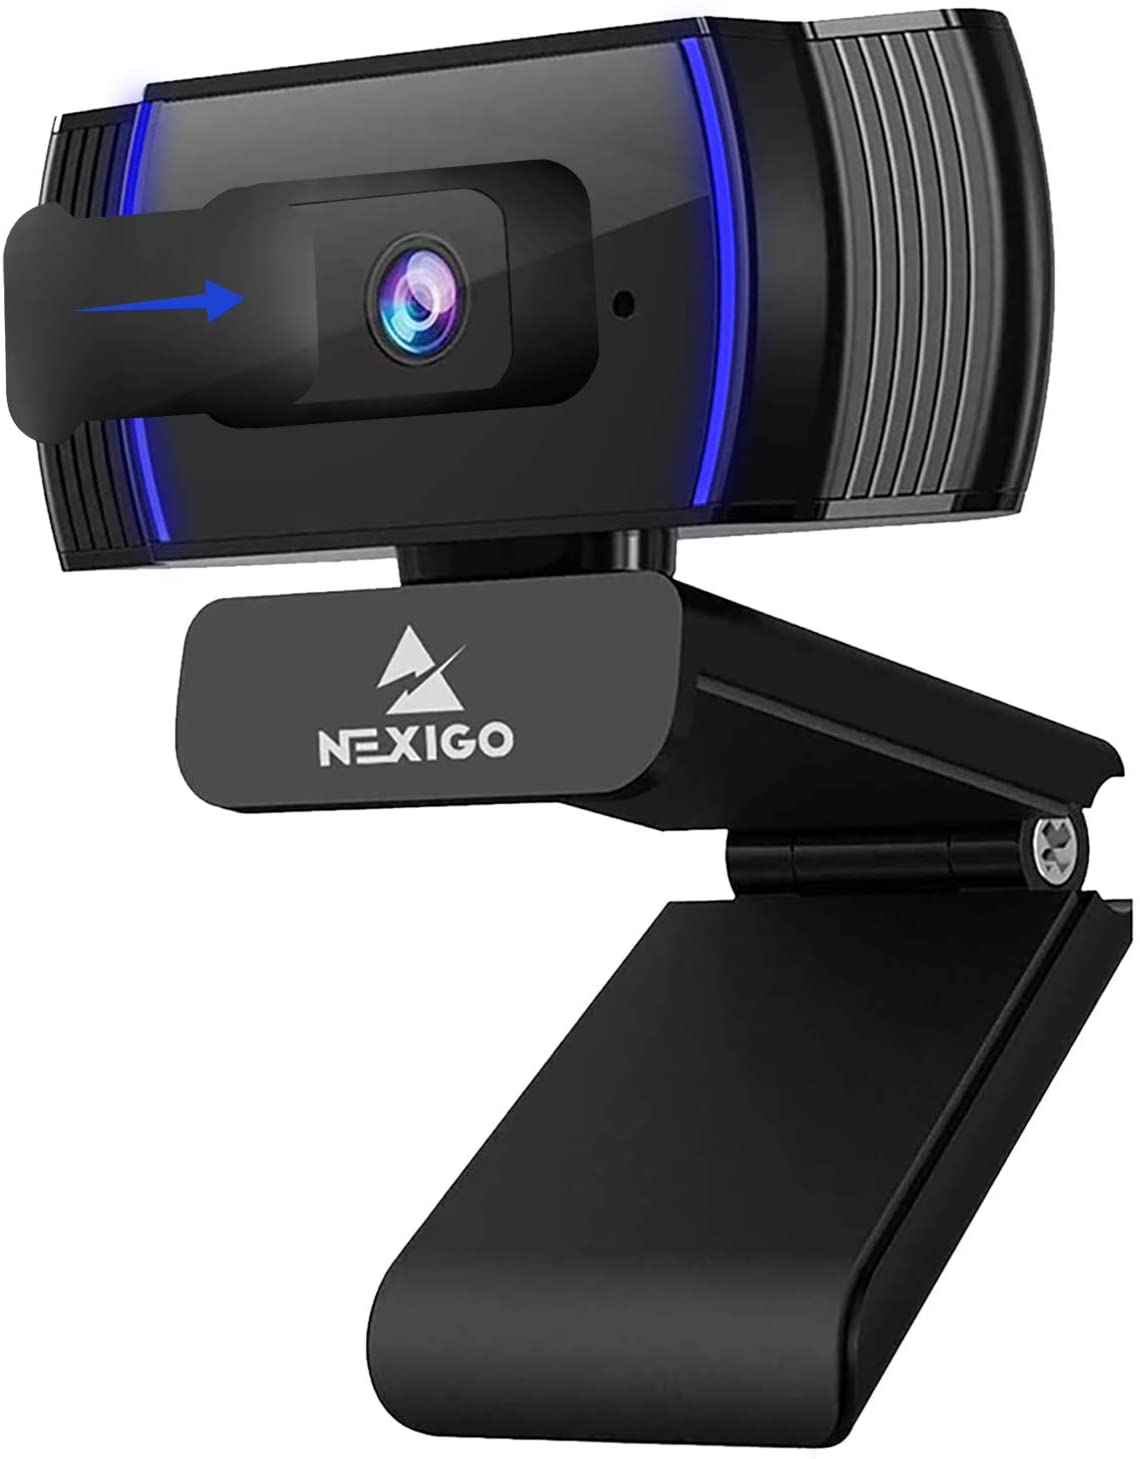 Nexigo - best webcam for Youtube